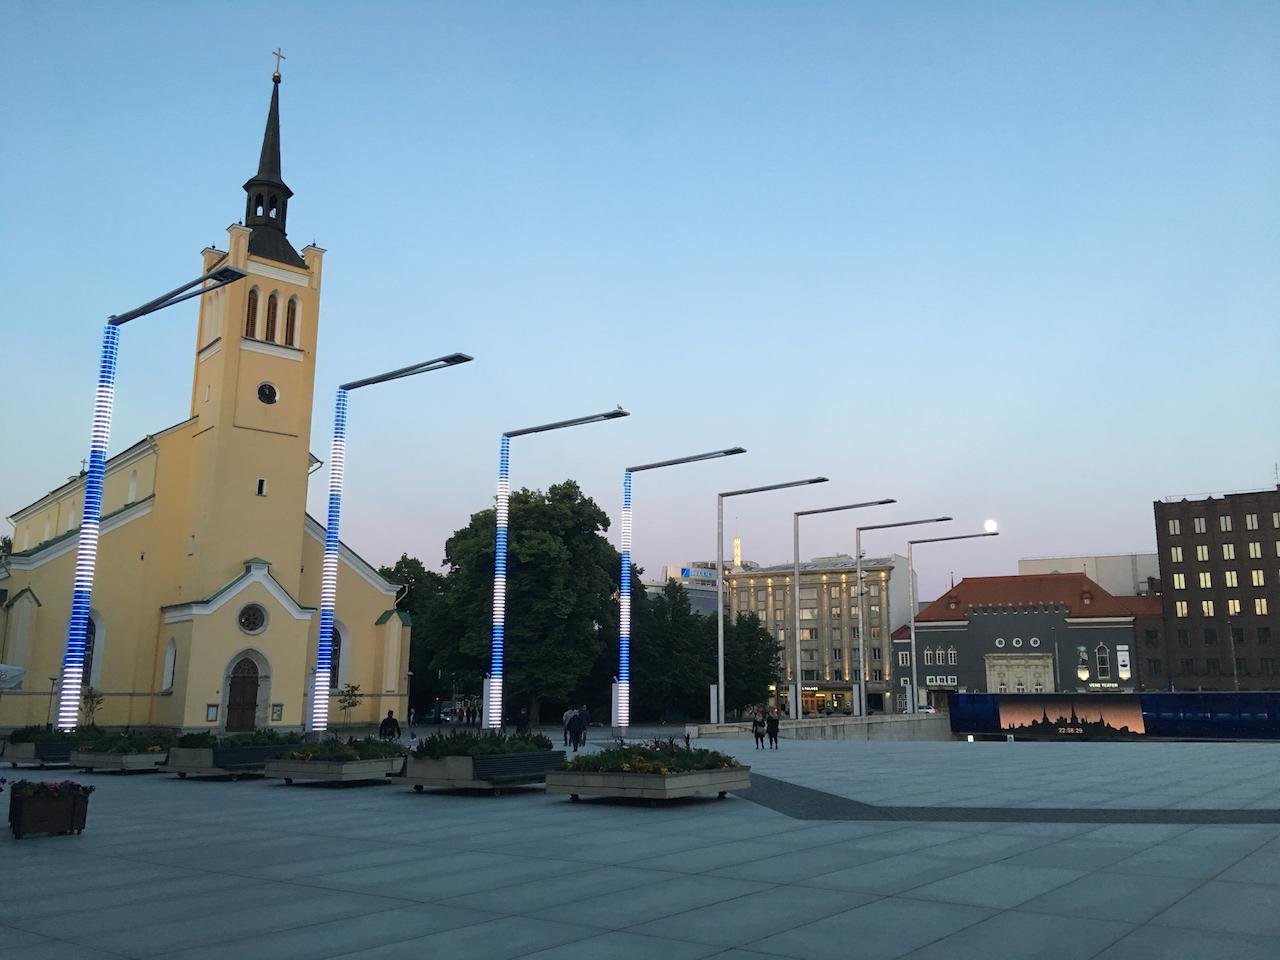 11PM in Estonia